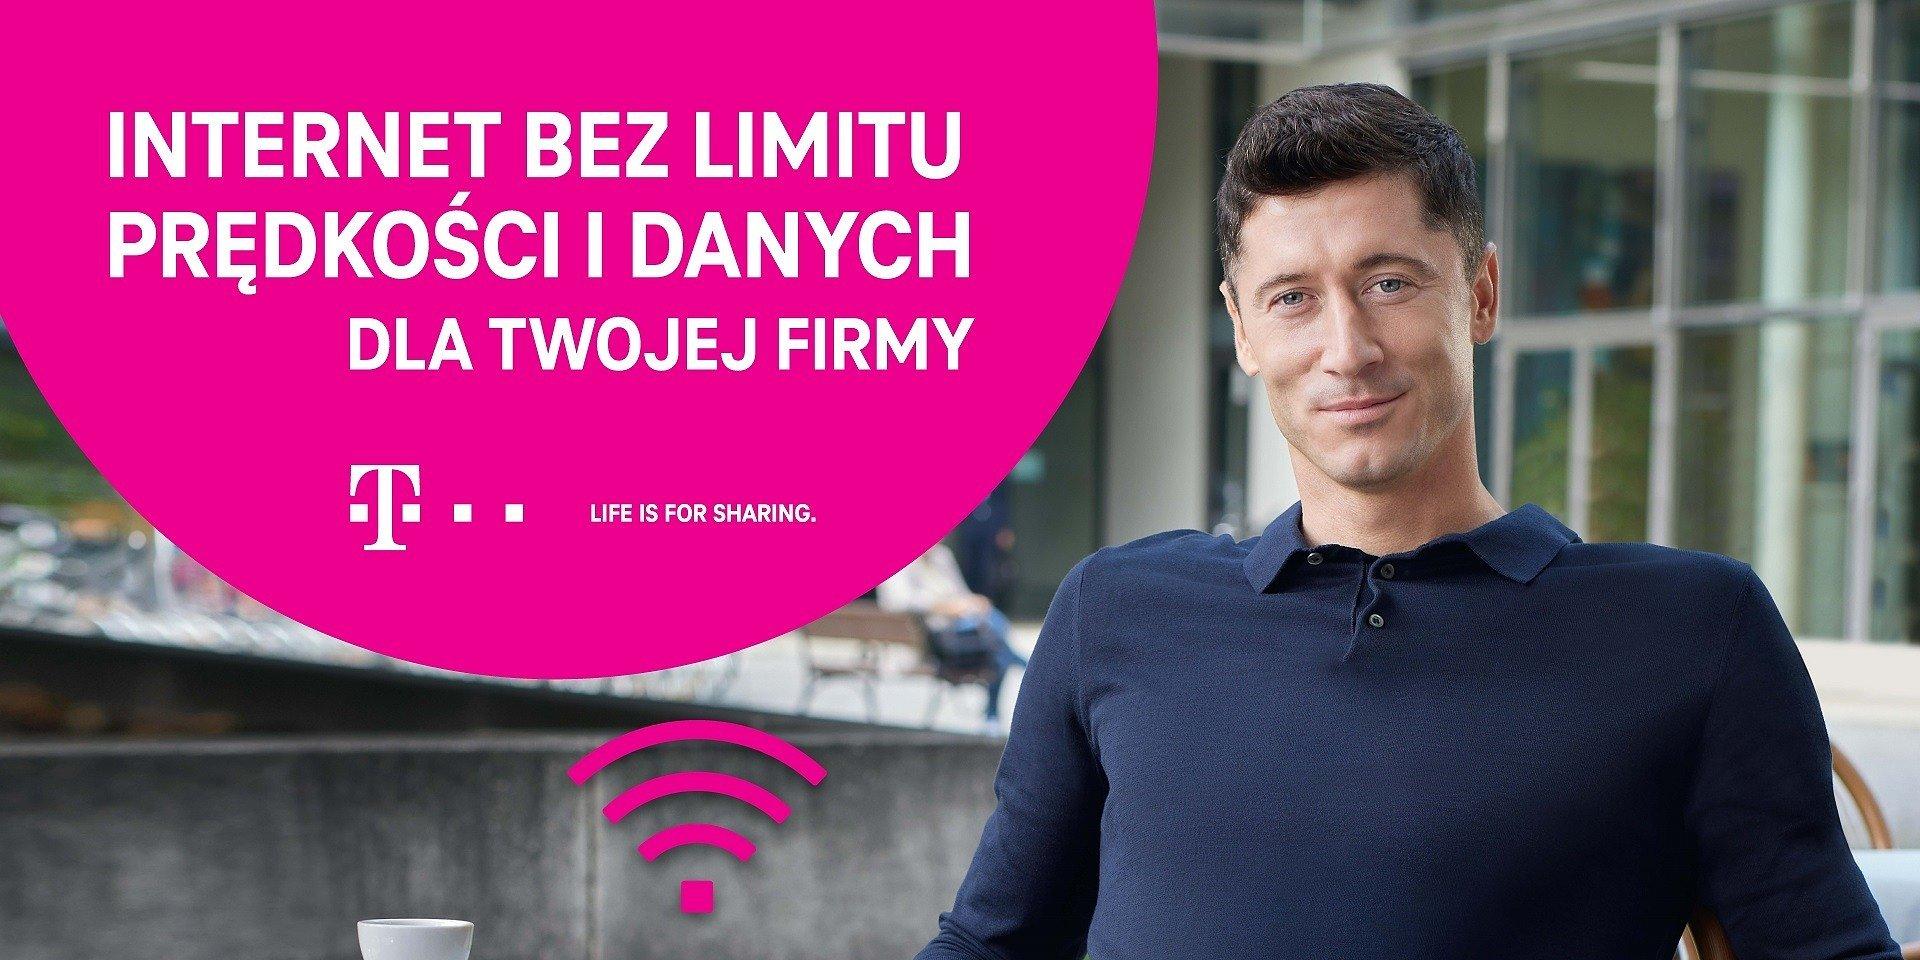 Prawdziwie nielimitowany Internet dla całej firmy w MagentaBIZNES od T-Mobile - Robert Lewandowski w kampanii promocyjnej skierowanej do firm